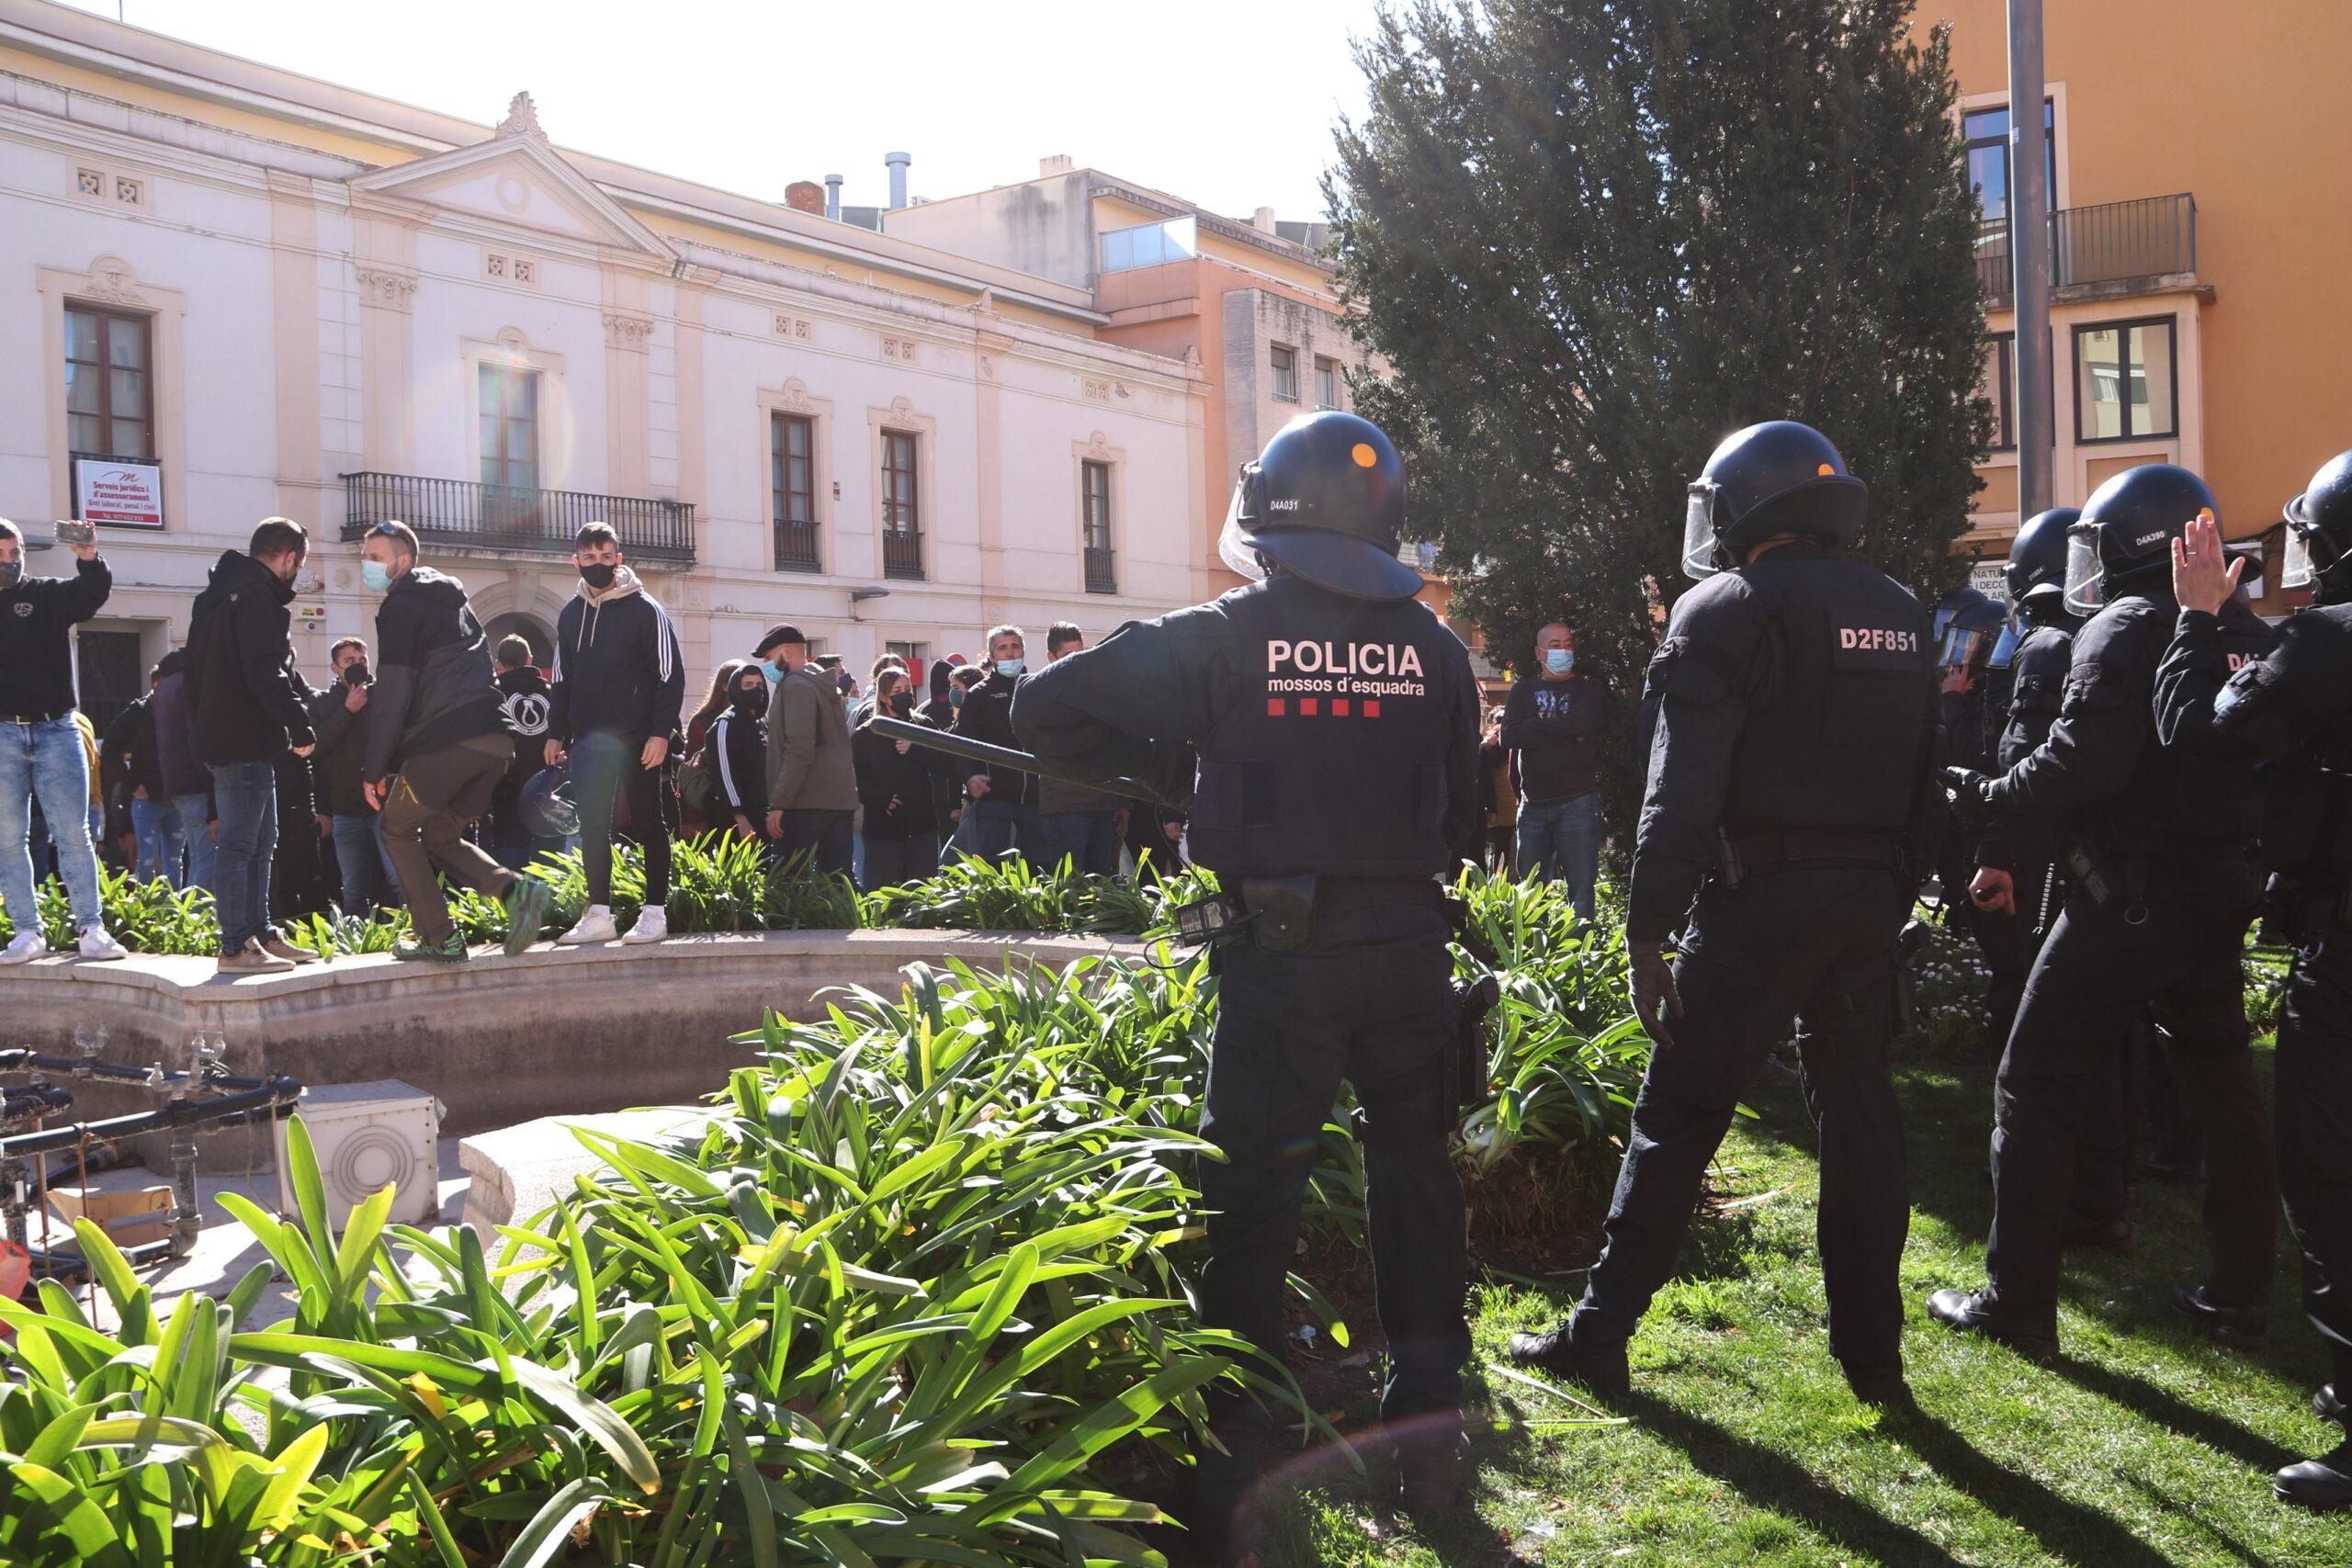 Els Mossos d'Esquadra colpejant els manifestants contraris a l'acte de campanya de Vox a Valls | ACN